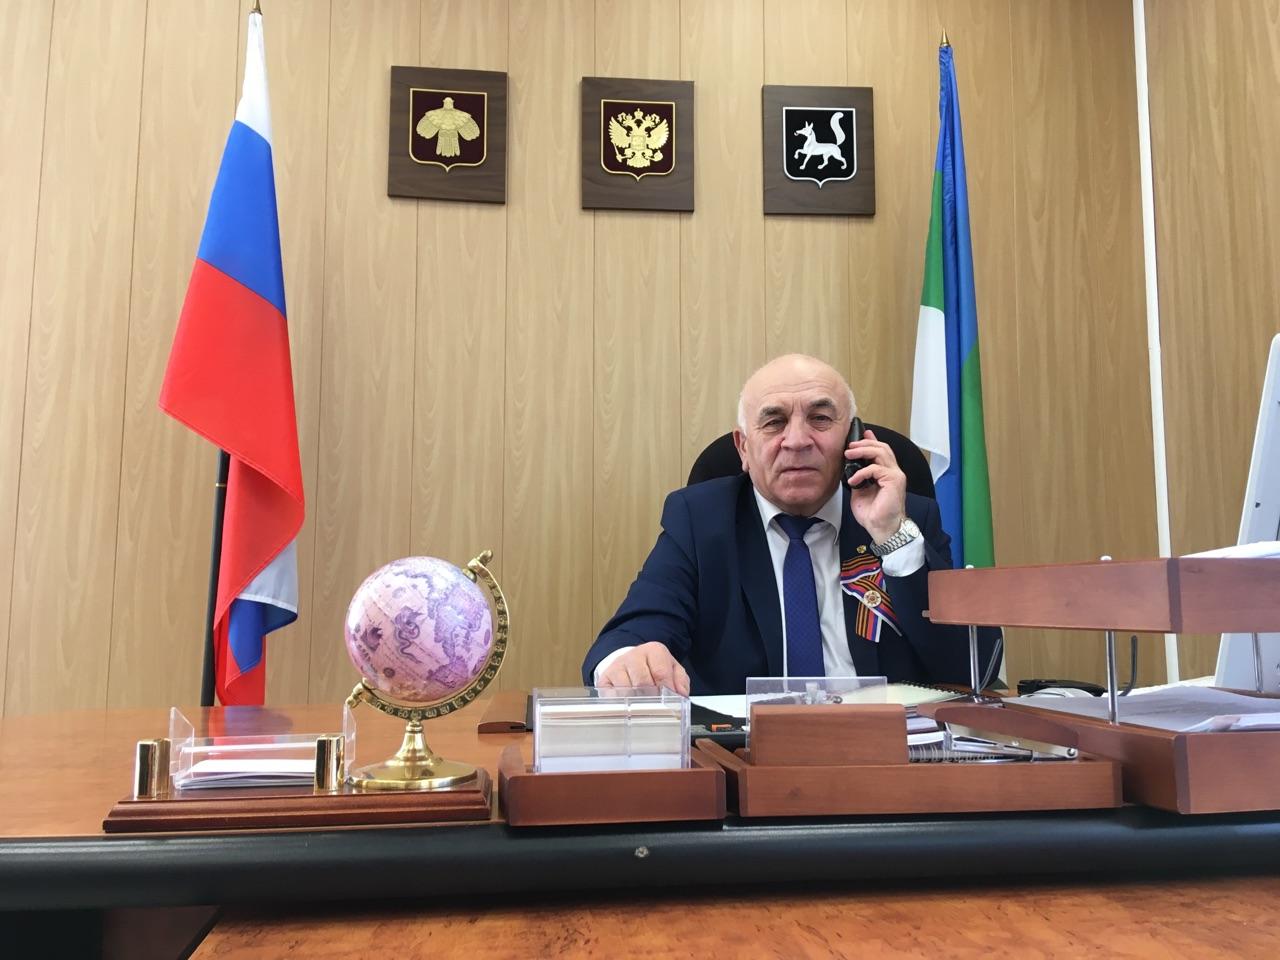 Руководитель администрации Николай Жилин поздравил тружеников тыла по телефону